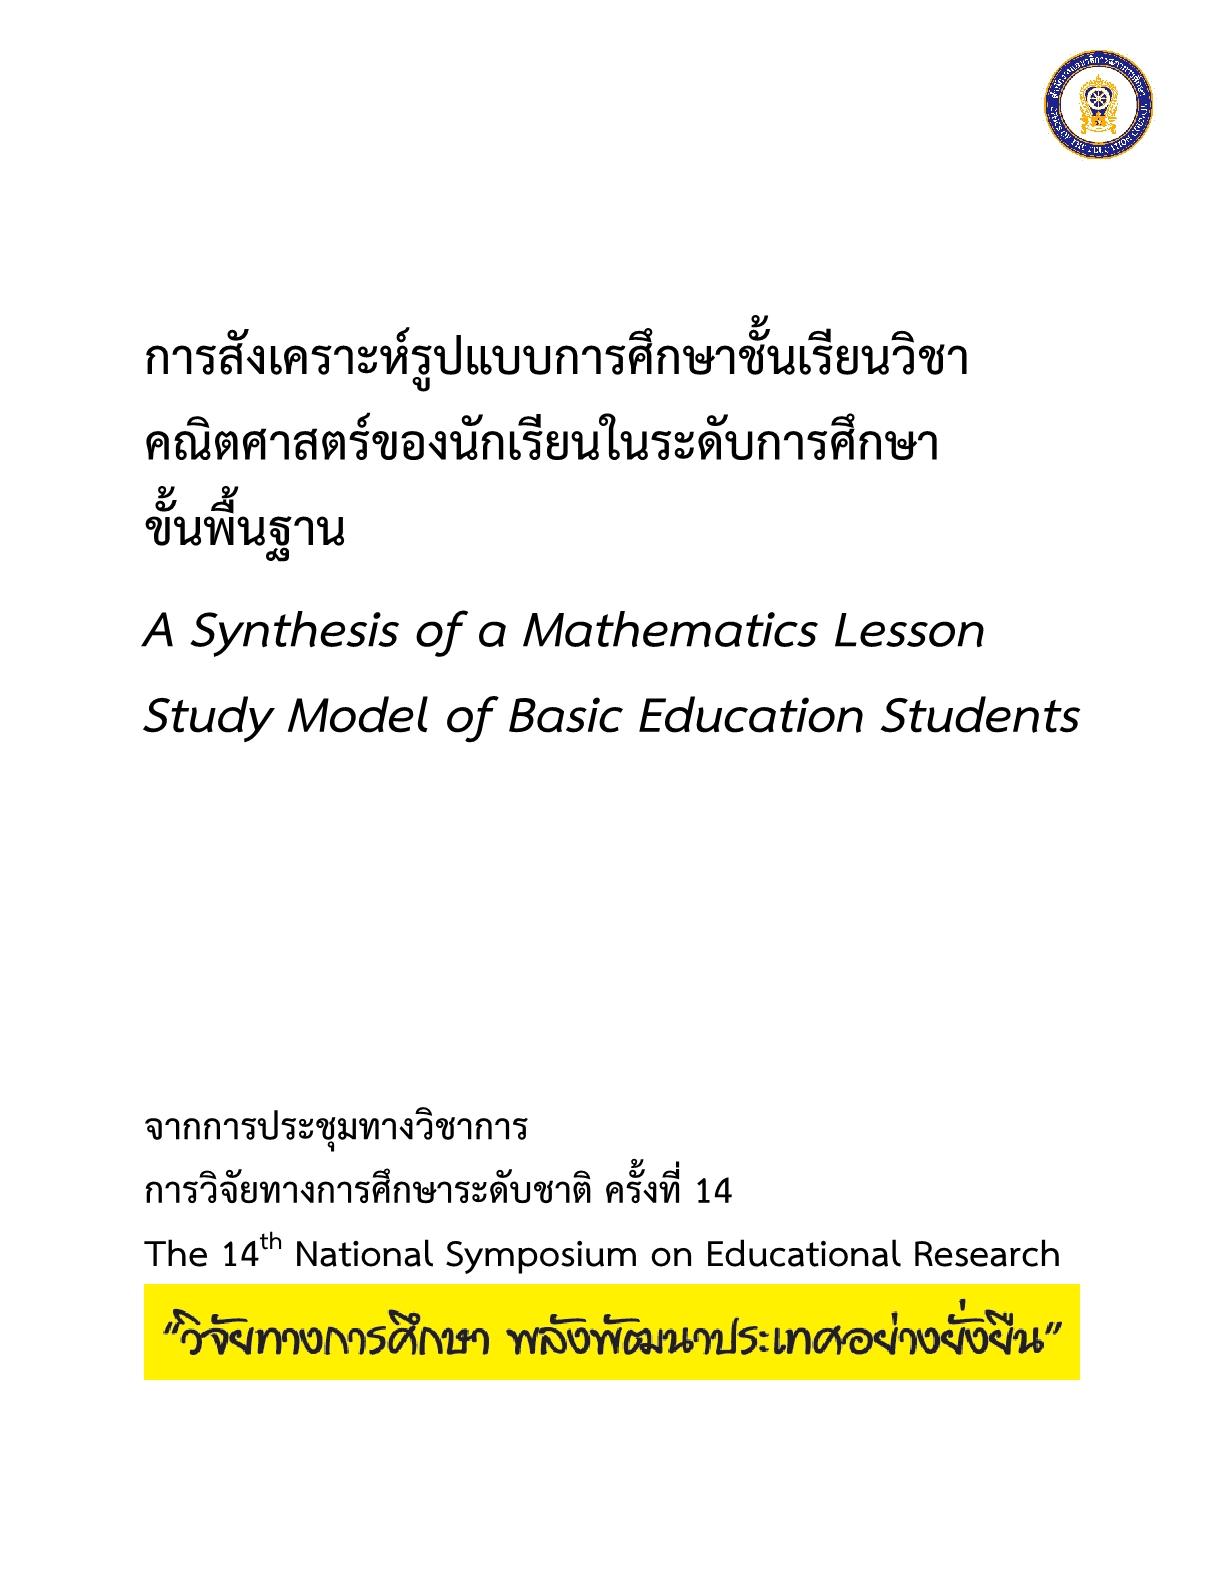 การสังเคราะห์รูปแบบการศึกษาชั้นเรียนวิชาคณิตศาสตร์ของนักเรียนในระดับการศึกษาขั้นพื้นฐาน